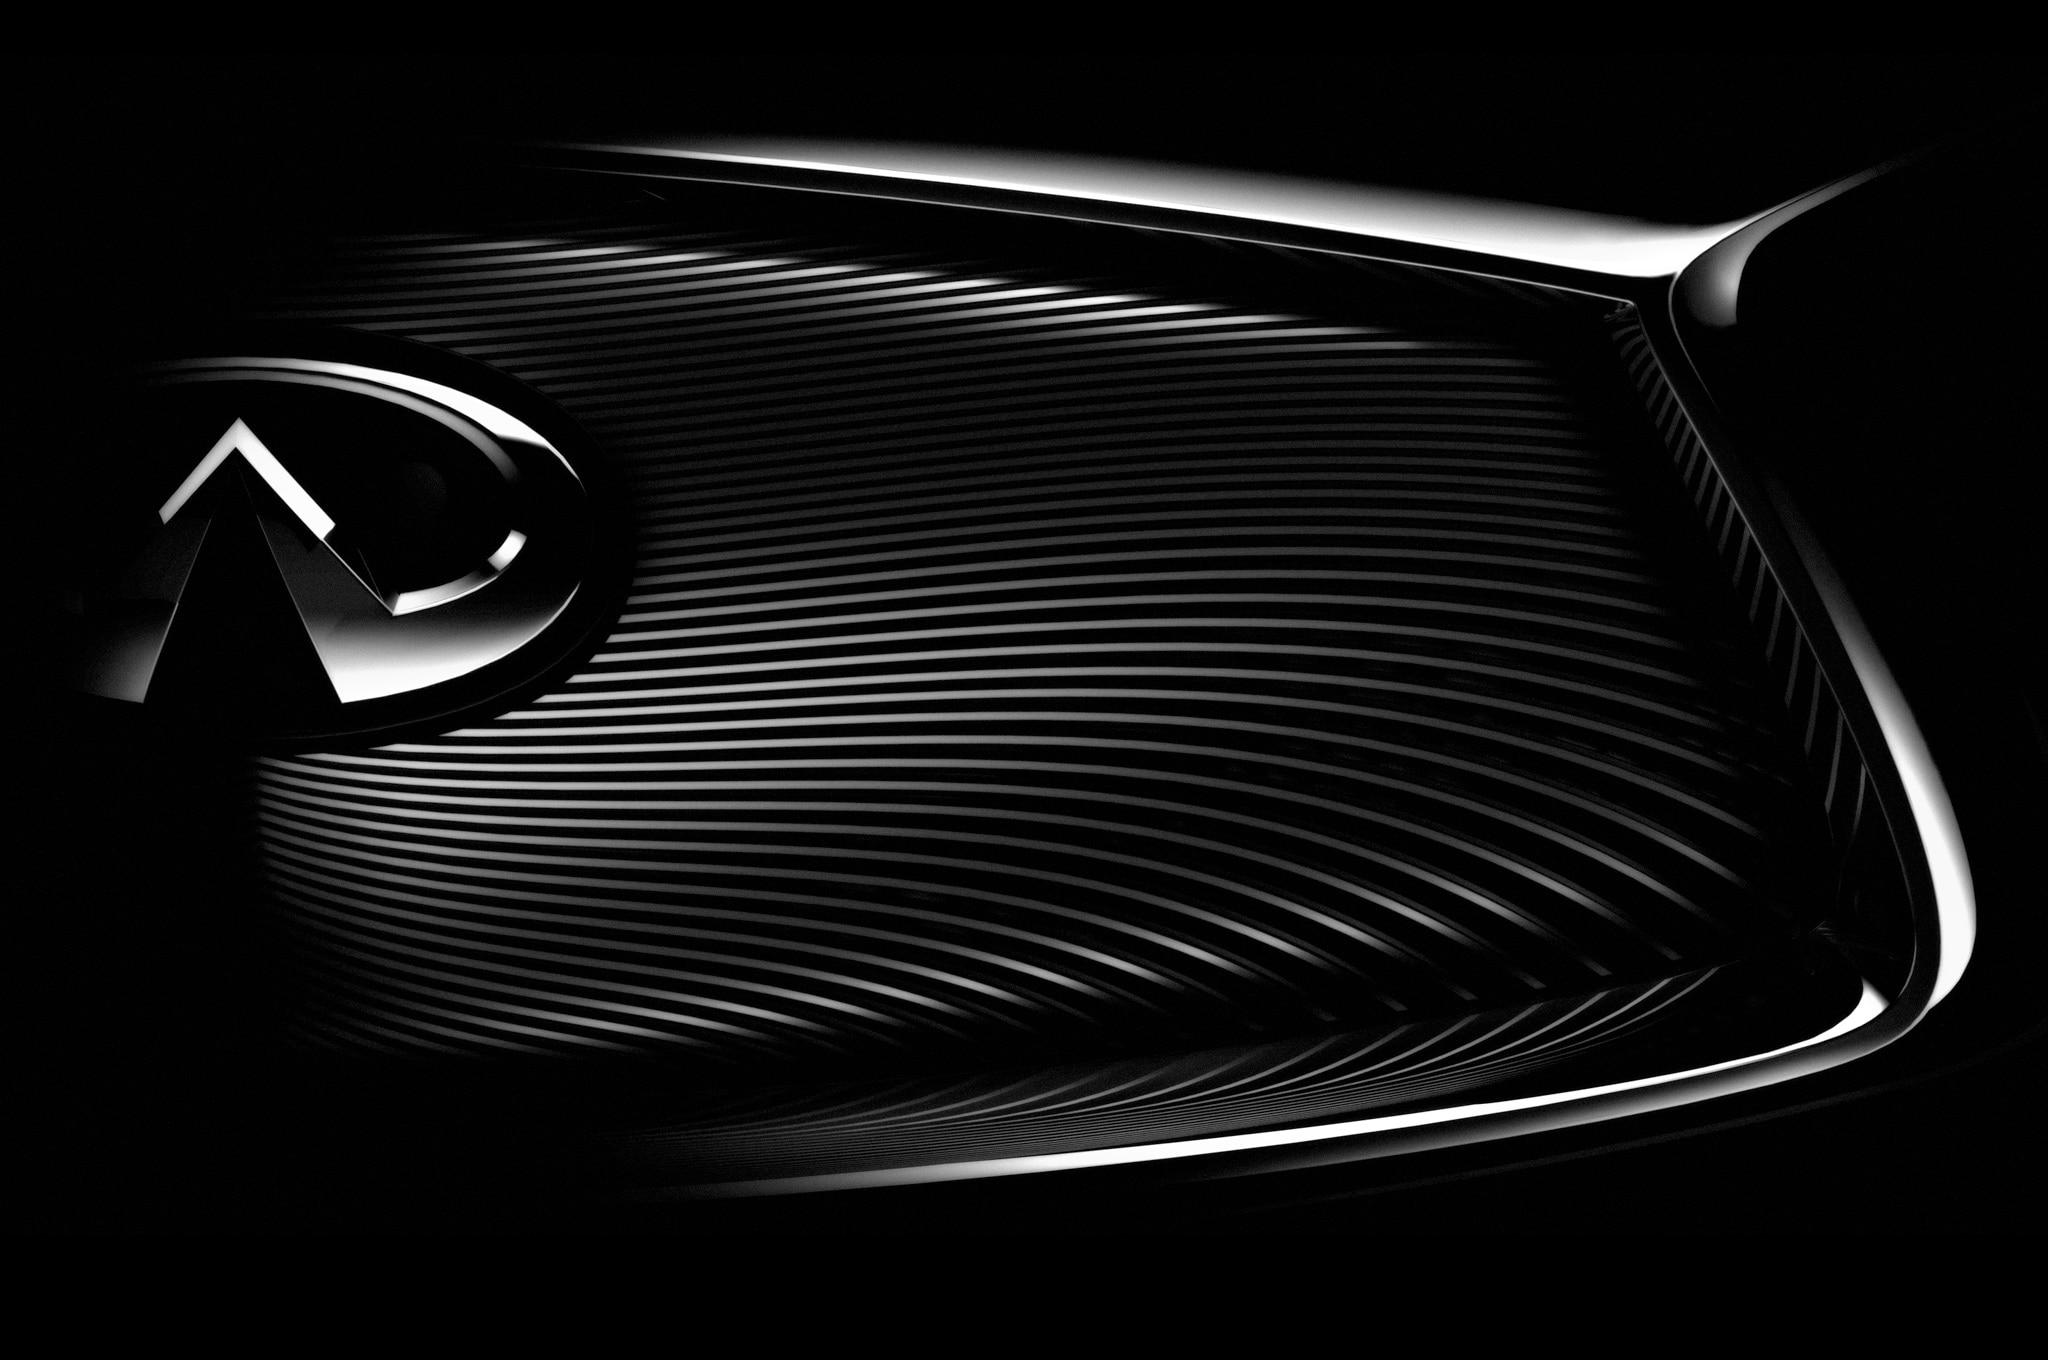 Infiniti 2014 Paris Motor Show Teaser